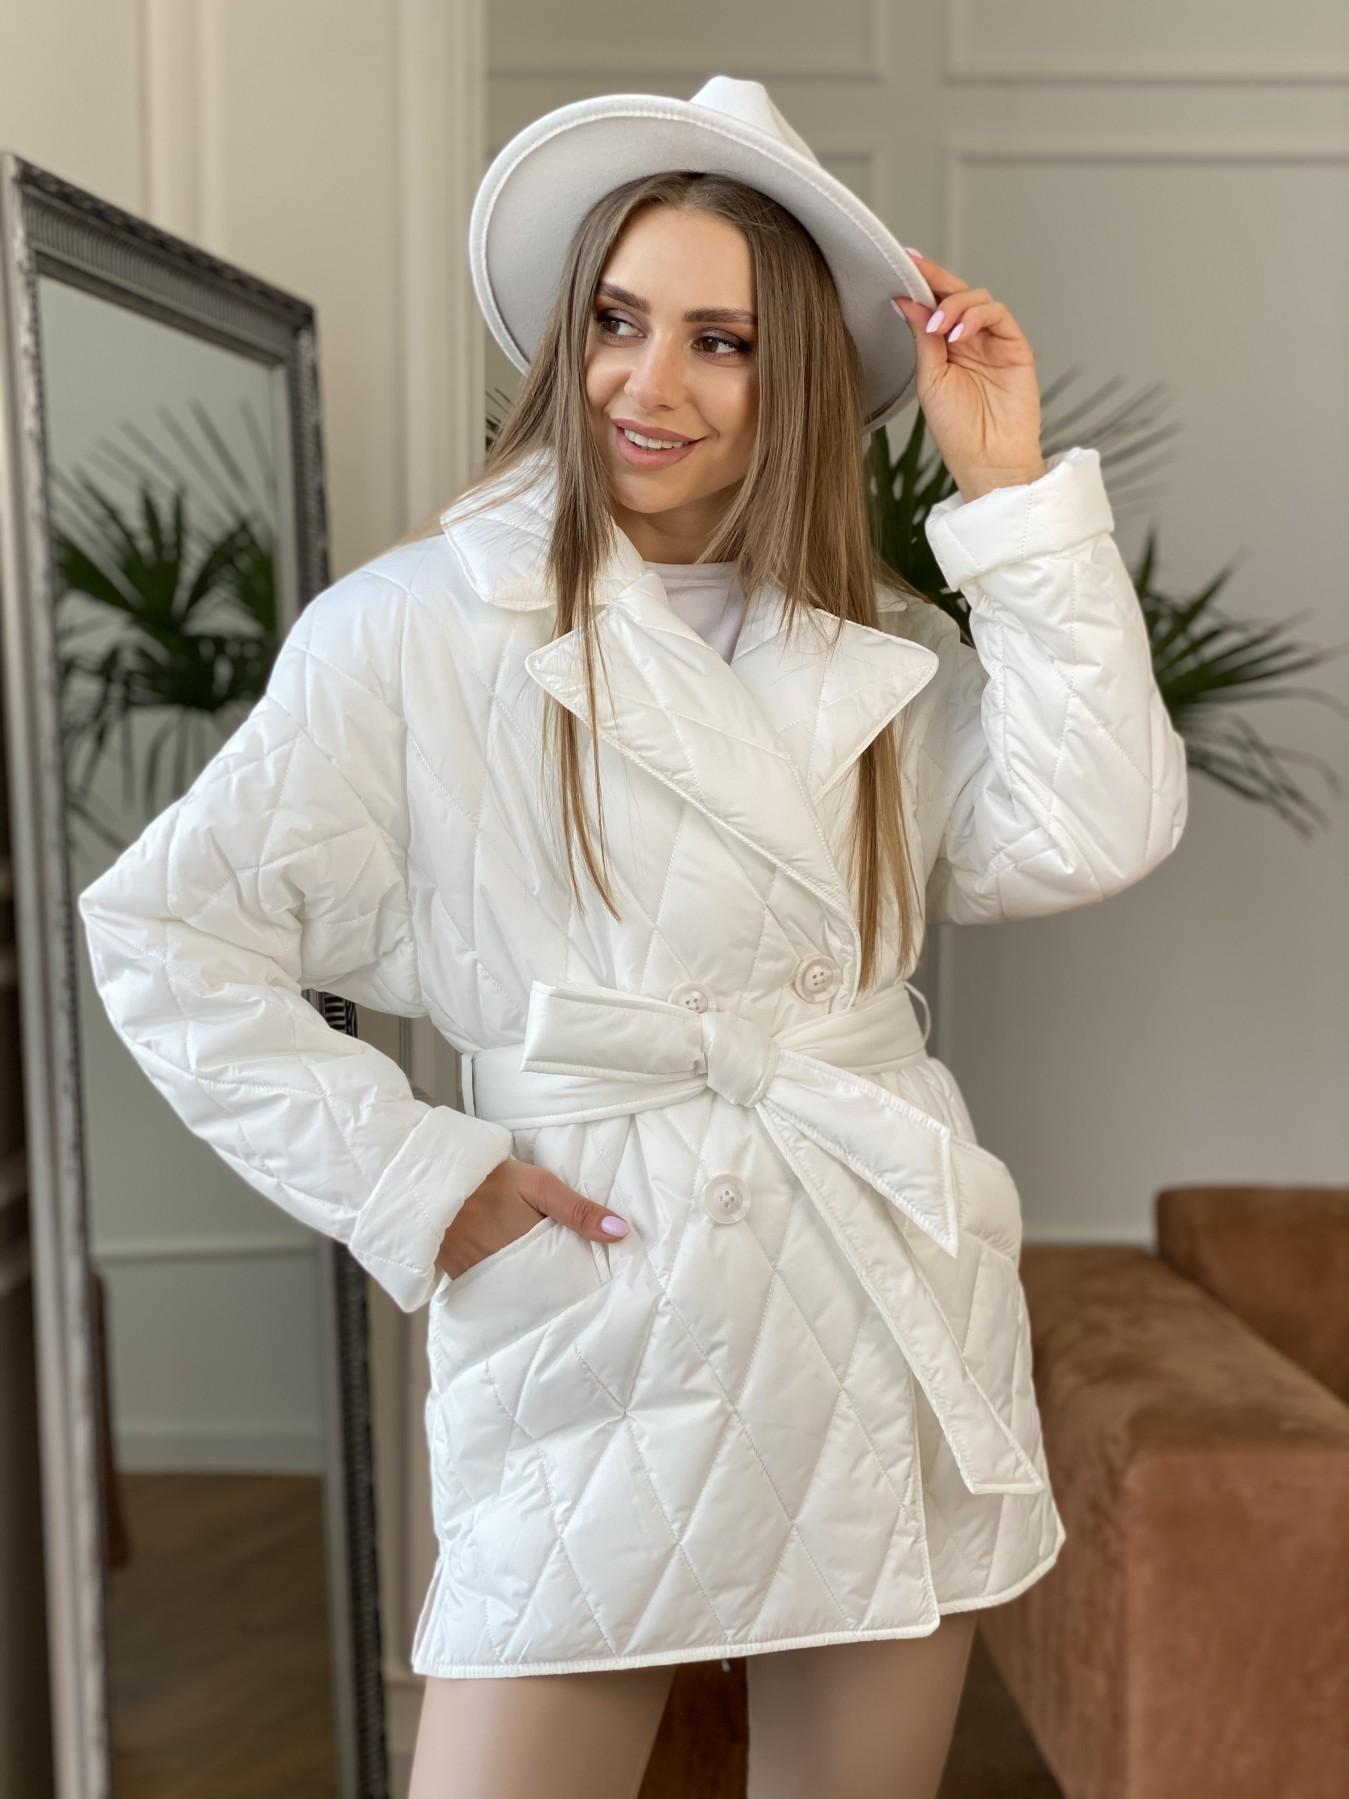 Норд куртка из плащевой ткани стеганая 10883 АРТ. 47423 Цвет: Молоко - фото 4, интернет магазин tm-modus.ru